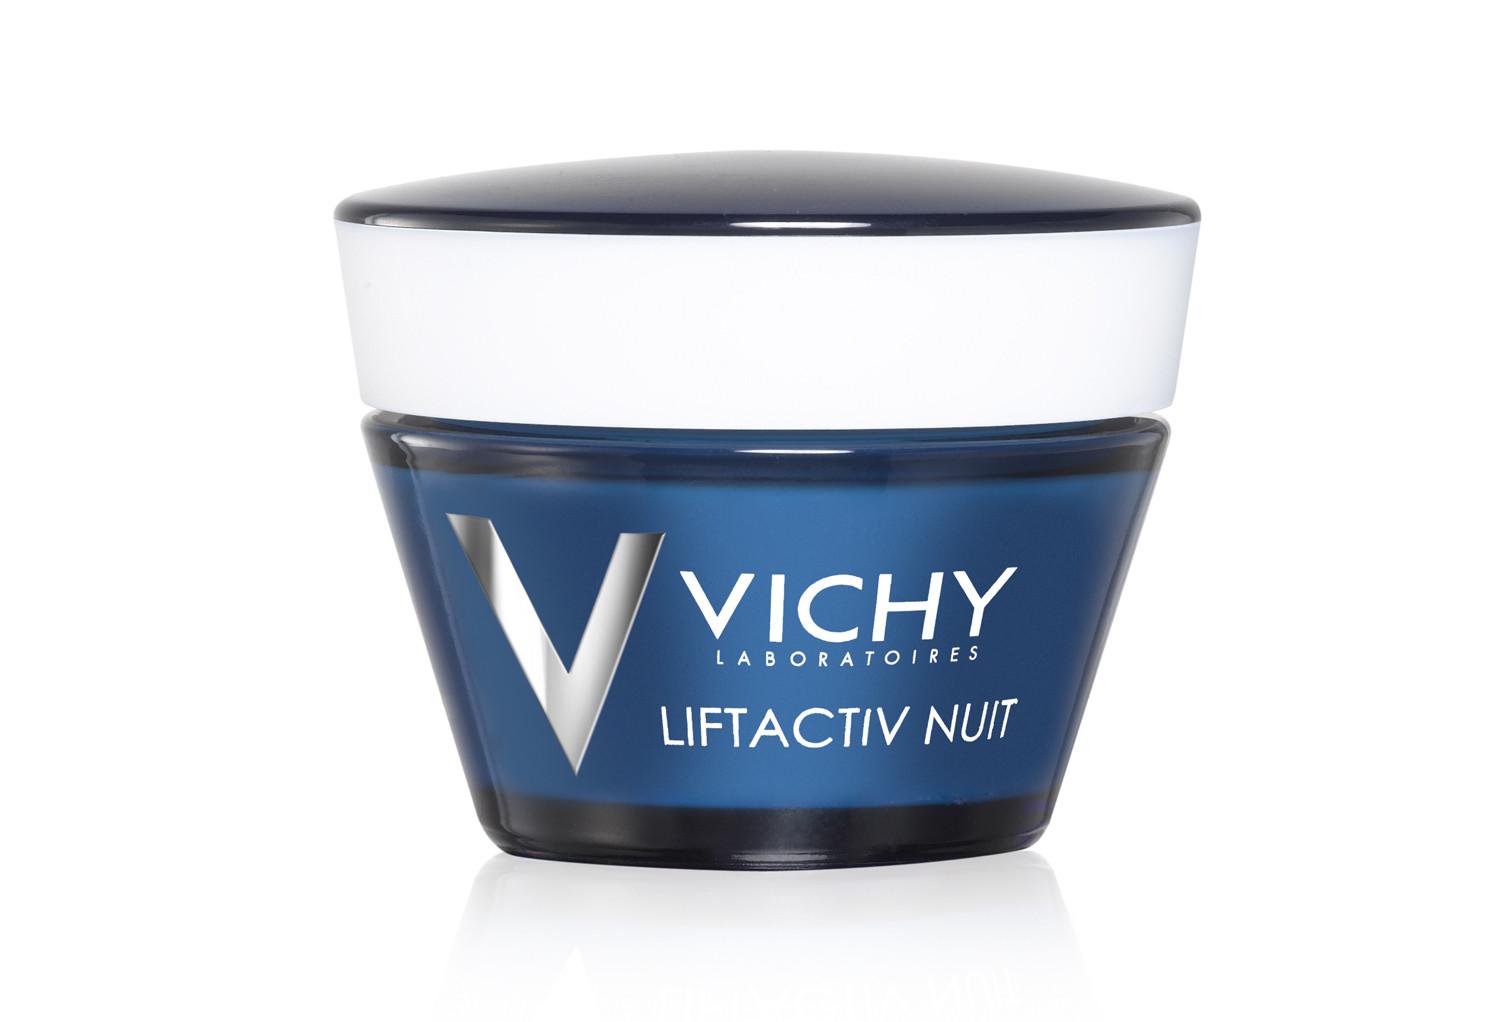 קרם פנים ליפטאקטיב ללילה דרמסורס לטיפול ומניעה של קמטים VICHY Liftactiv Night Derm source